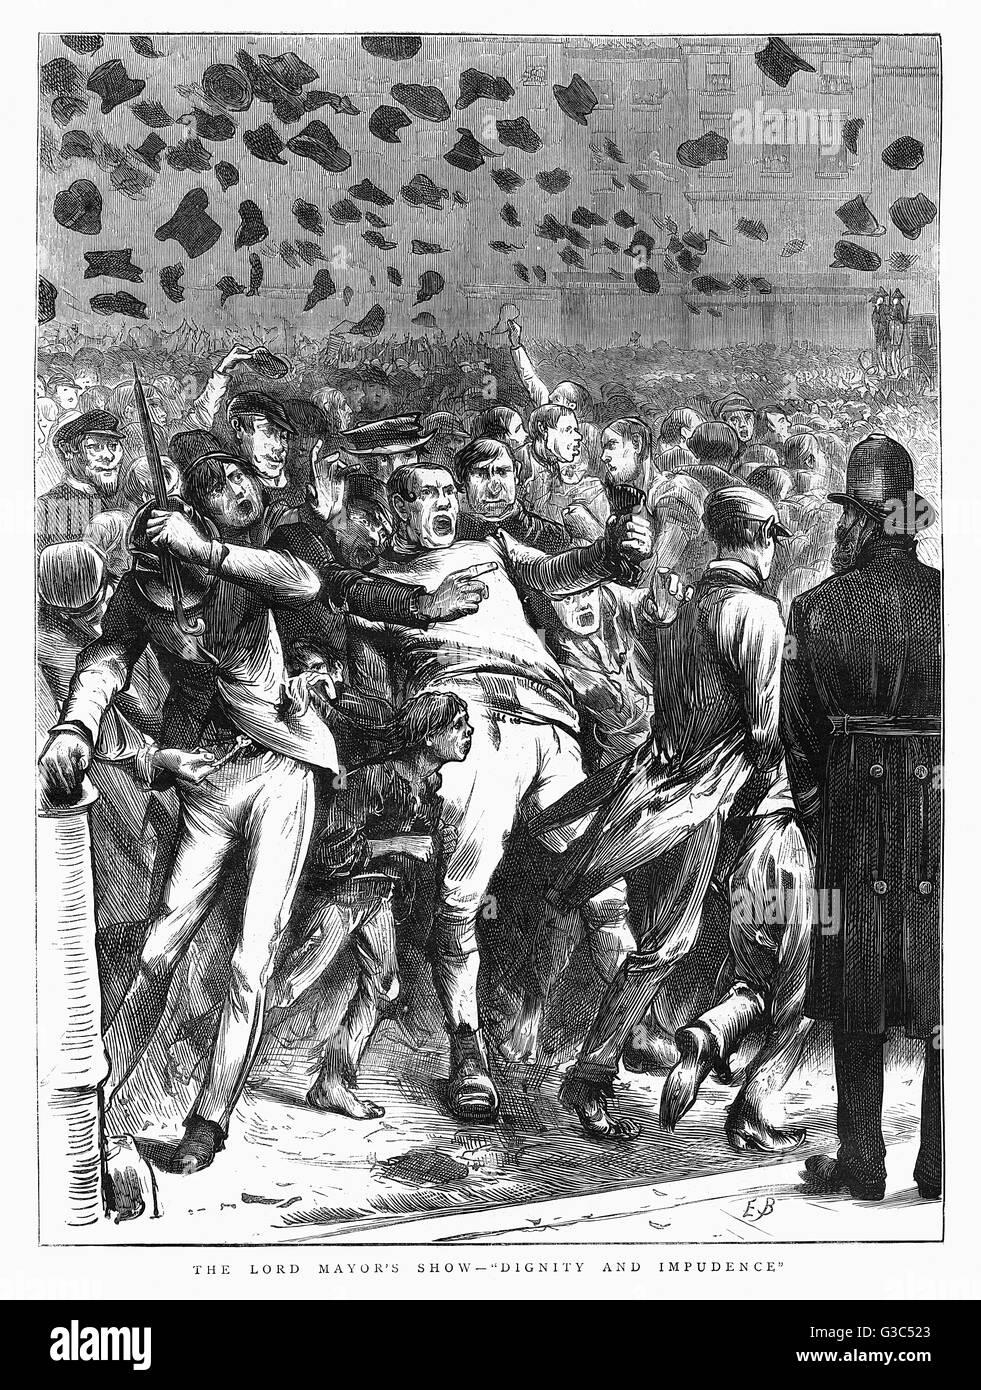 Il signore sindaco di Show - Dignità e impudenza da data: 1871 Foto Stock